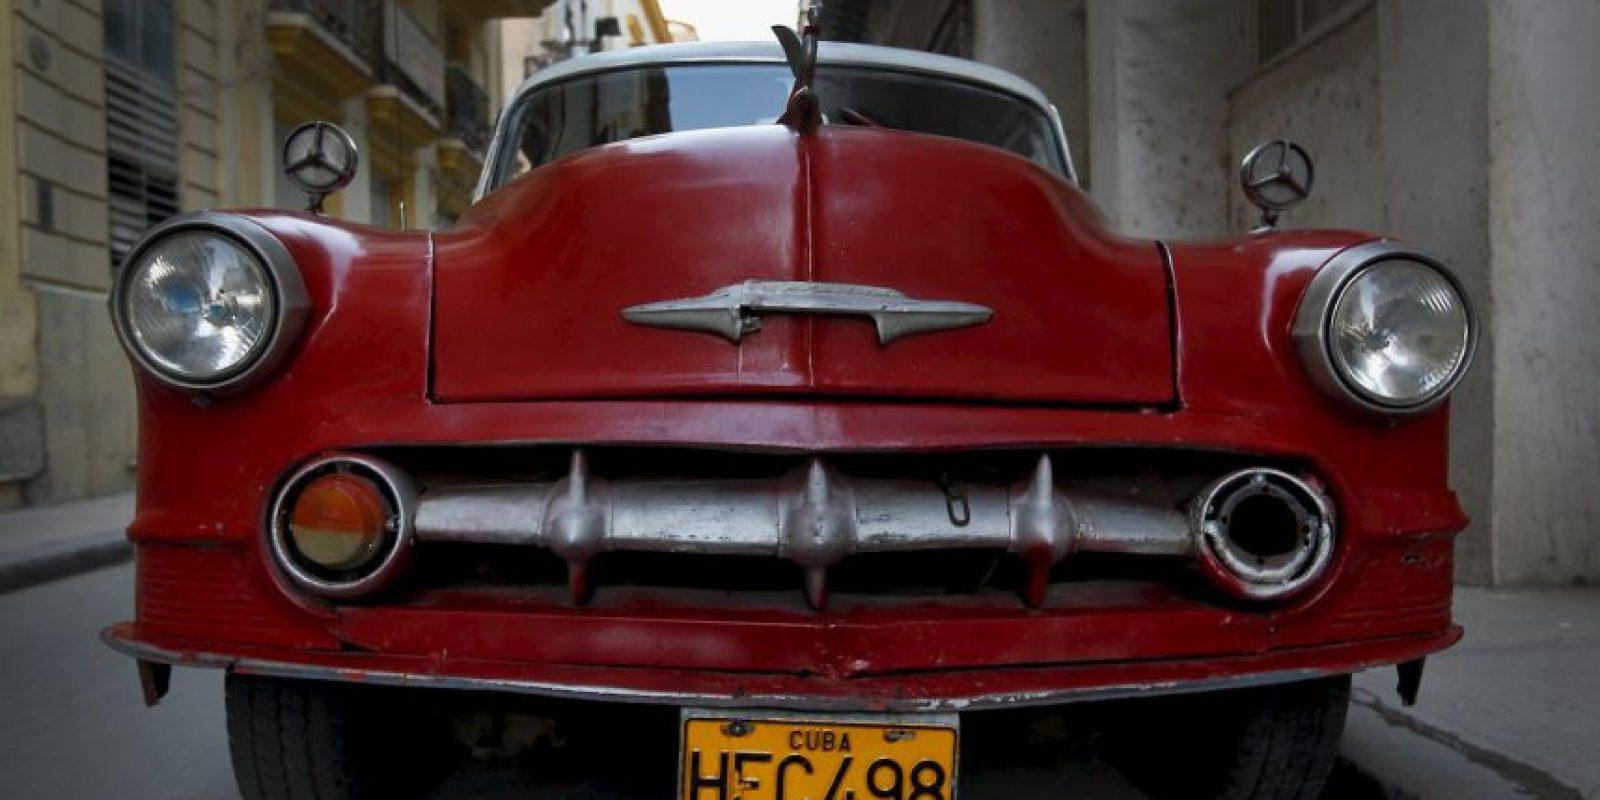 El pasado 20 de julio se abrieron las embajadas de ambos países en Washington y en La Habana. Foto:Getty Images